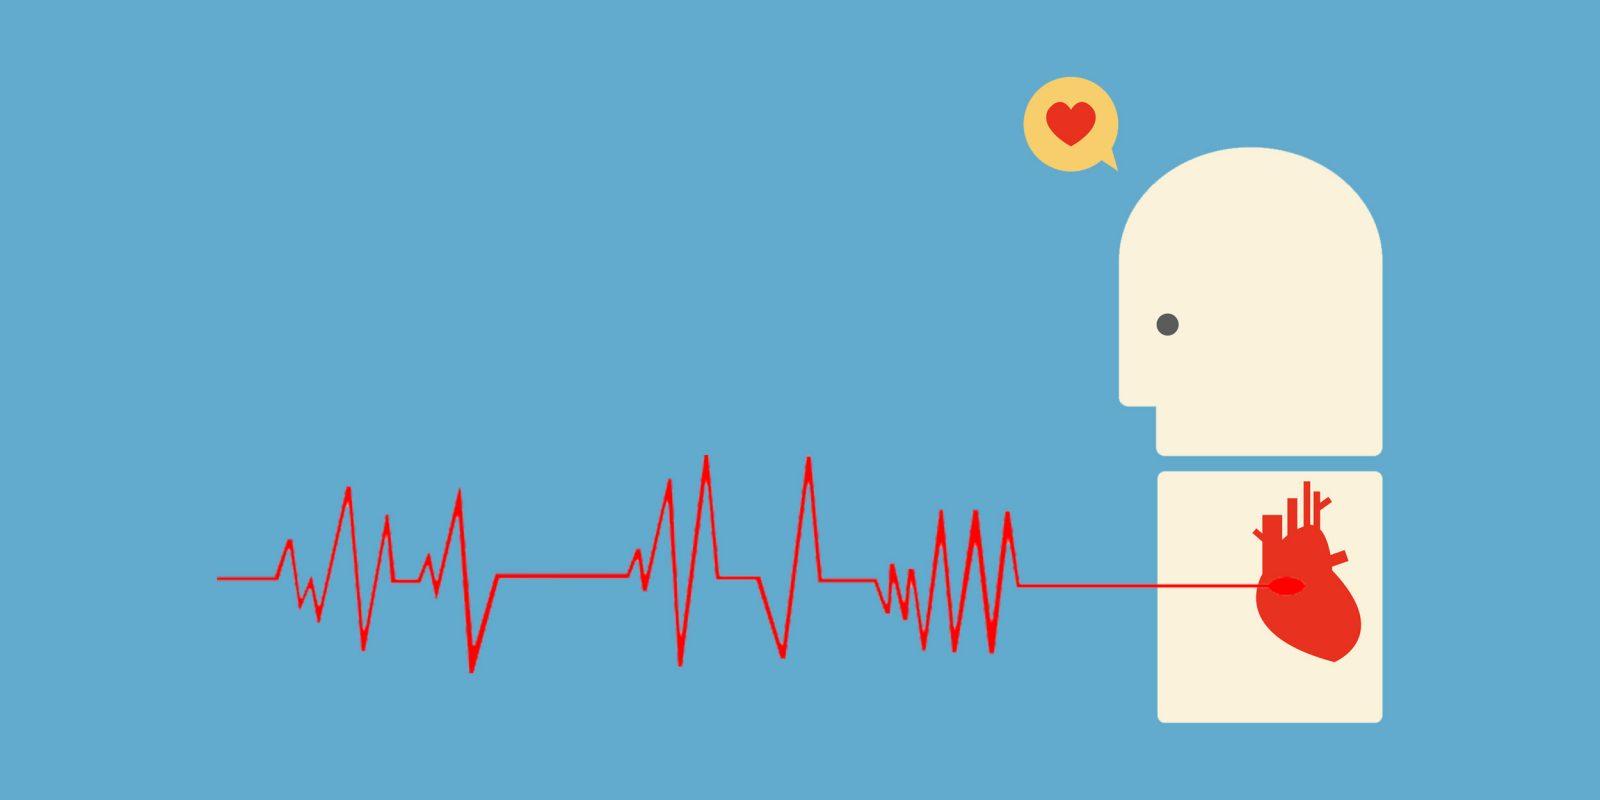 Что такое аритмия: виды, причины, симптомы, диагностика и лечение аритмии сердца